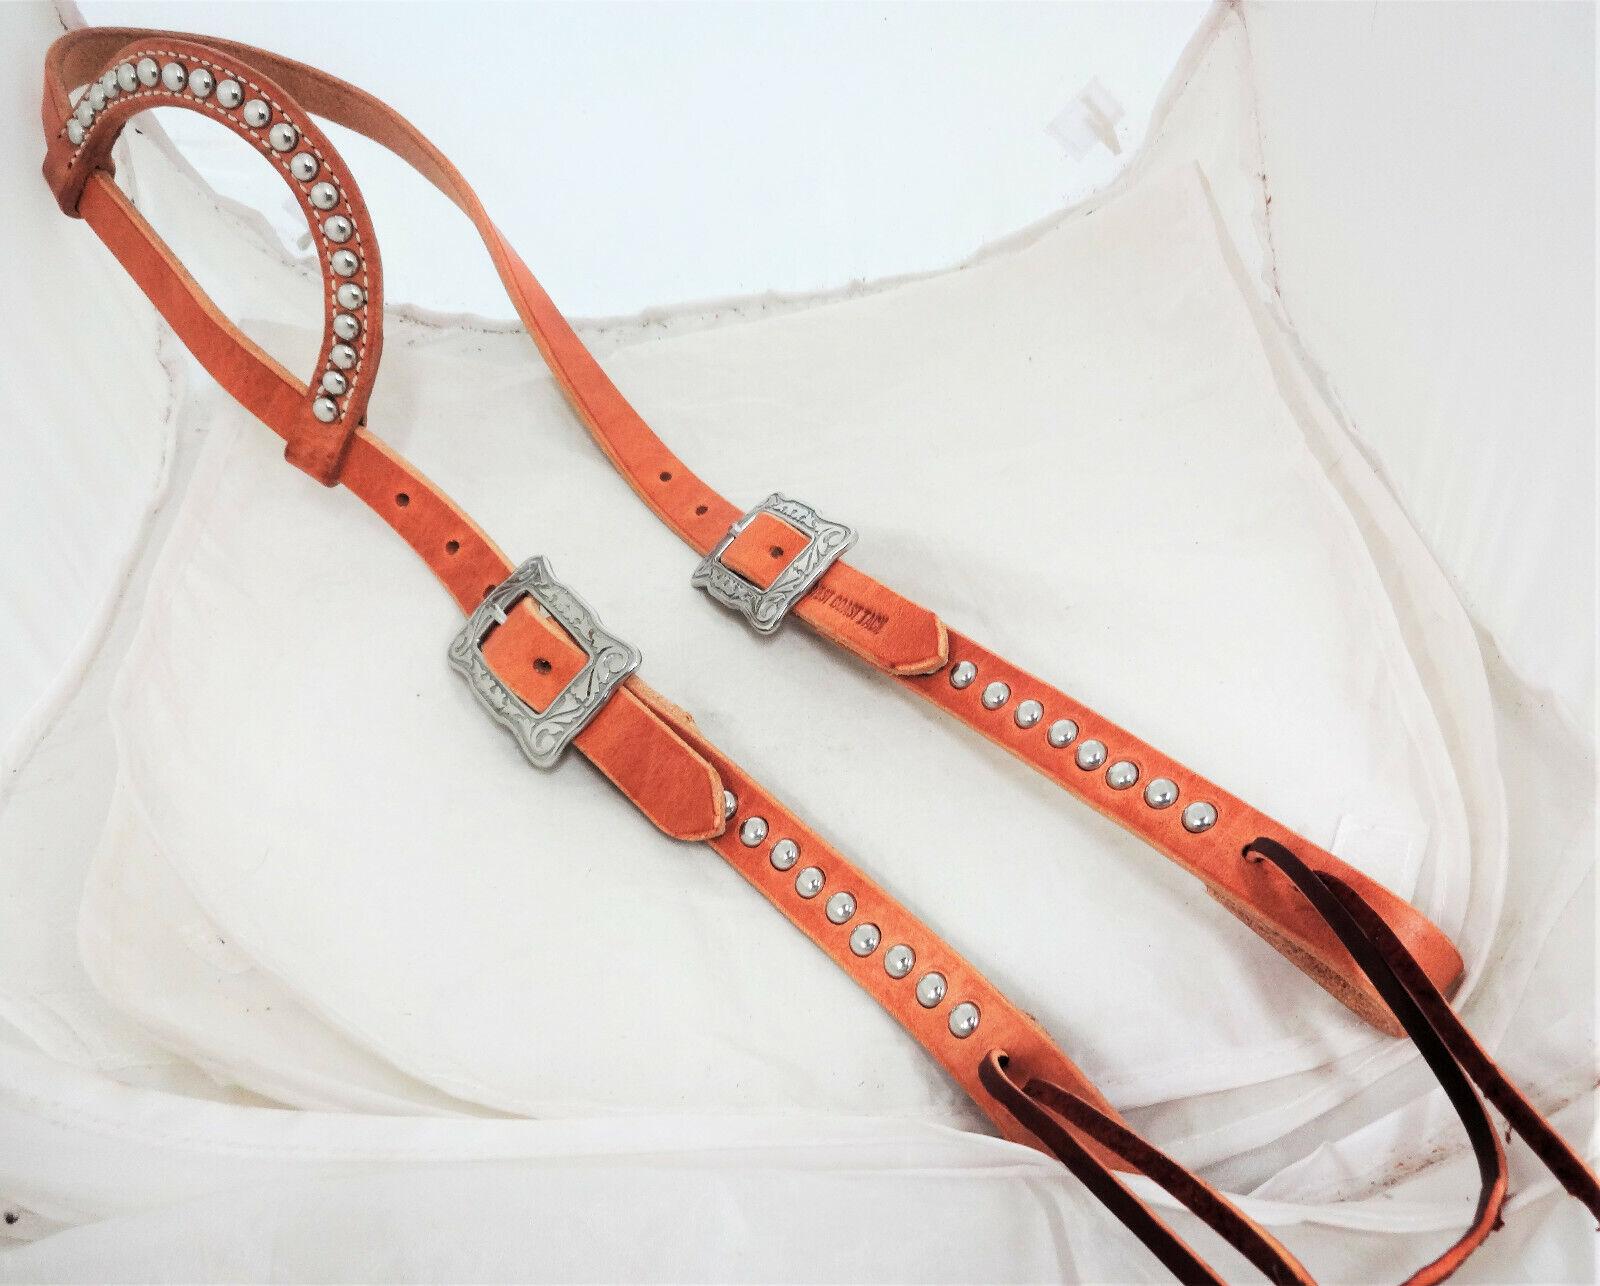 Hermann Oak Harness Leather Spotted One Ear Headstall Horse Tack Jeremiah Watt